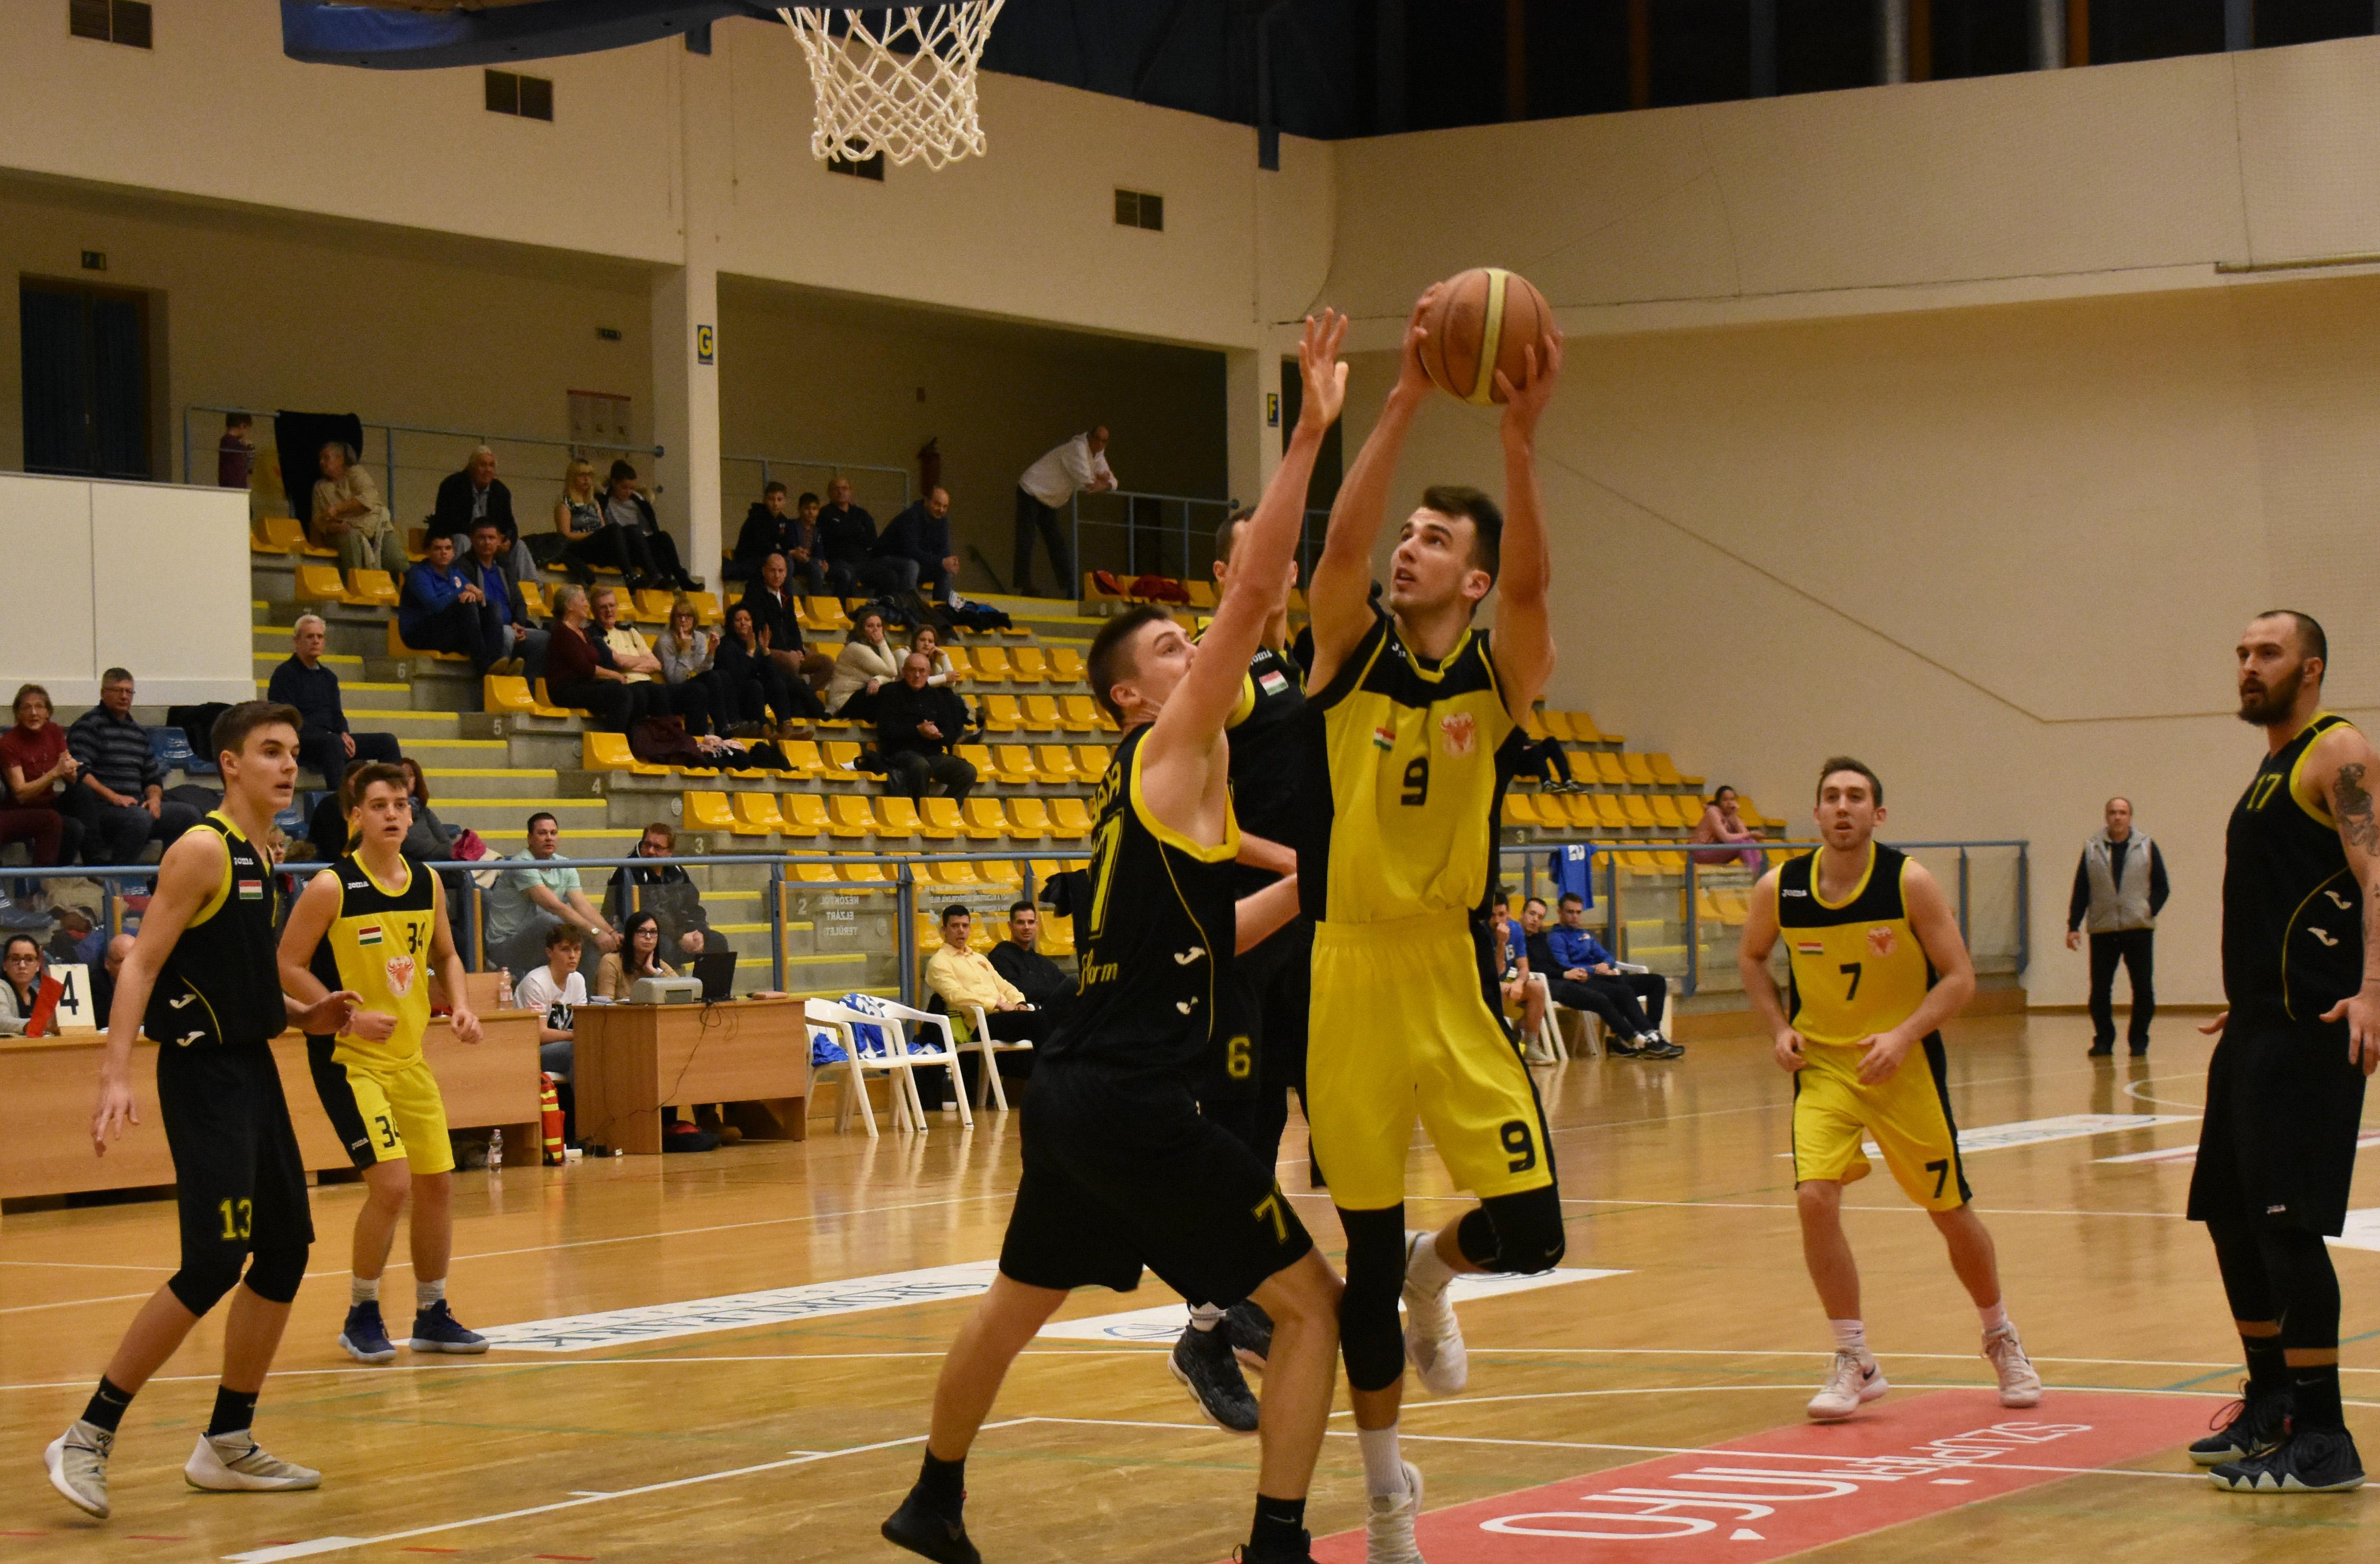 Olló iskolai FISKARS kosárlabda motívummal 13cm - Ollók - Színes-Kereskedés Irodaszer Webáruház